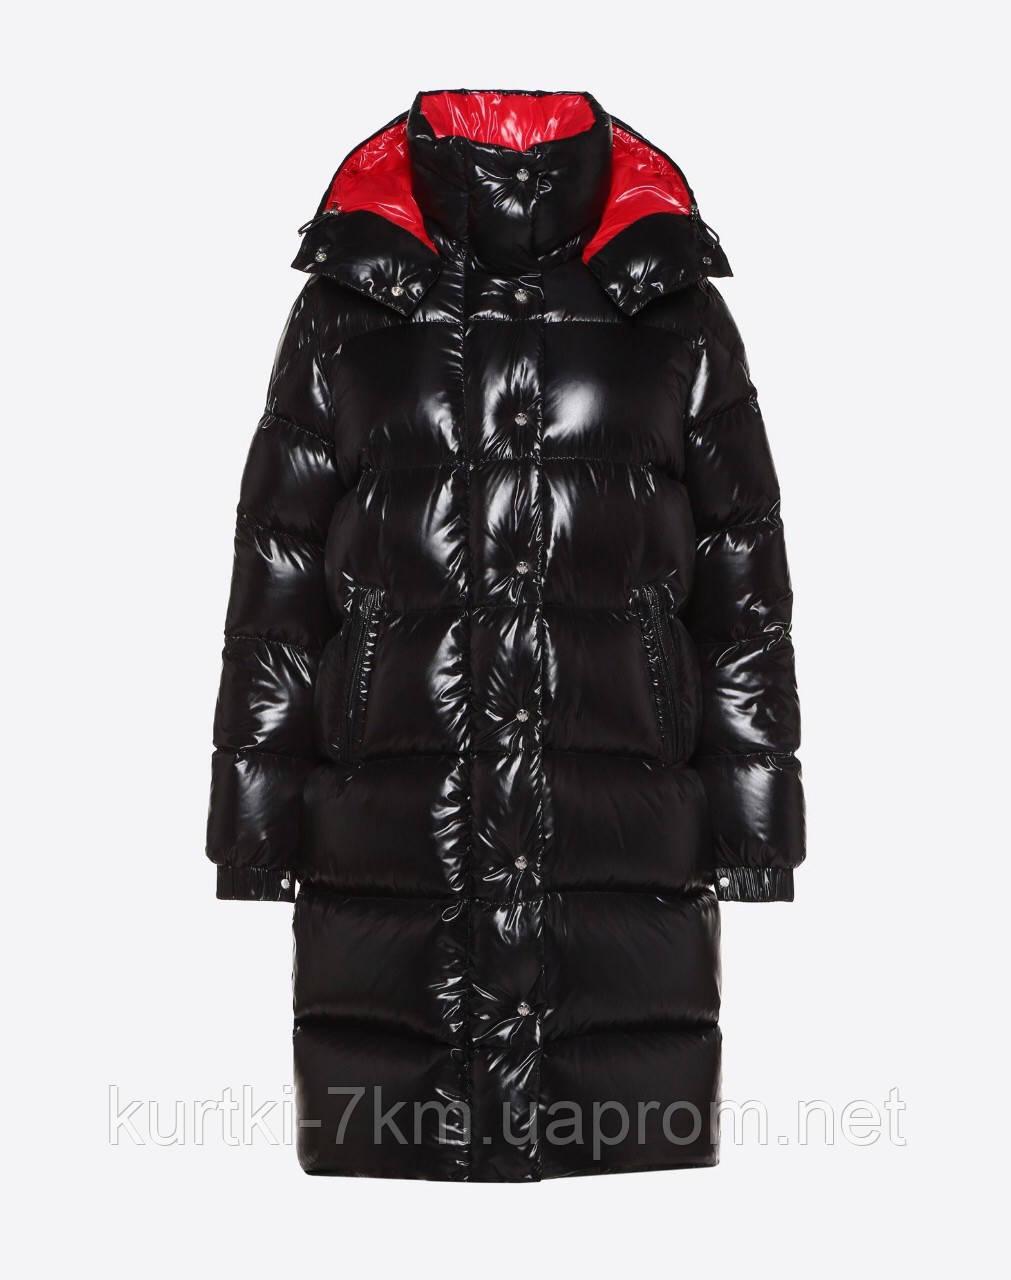 89f71e6c Пуховик куртка Valentino/Moncler с логотипом VLTN - Женские куртки,  пуховики - Куртки 7км